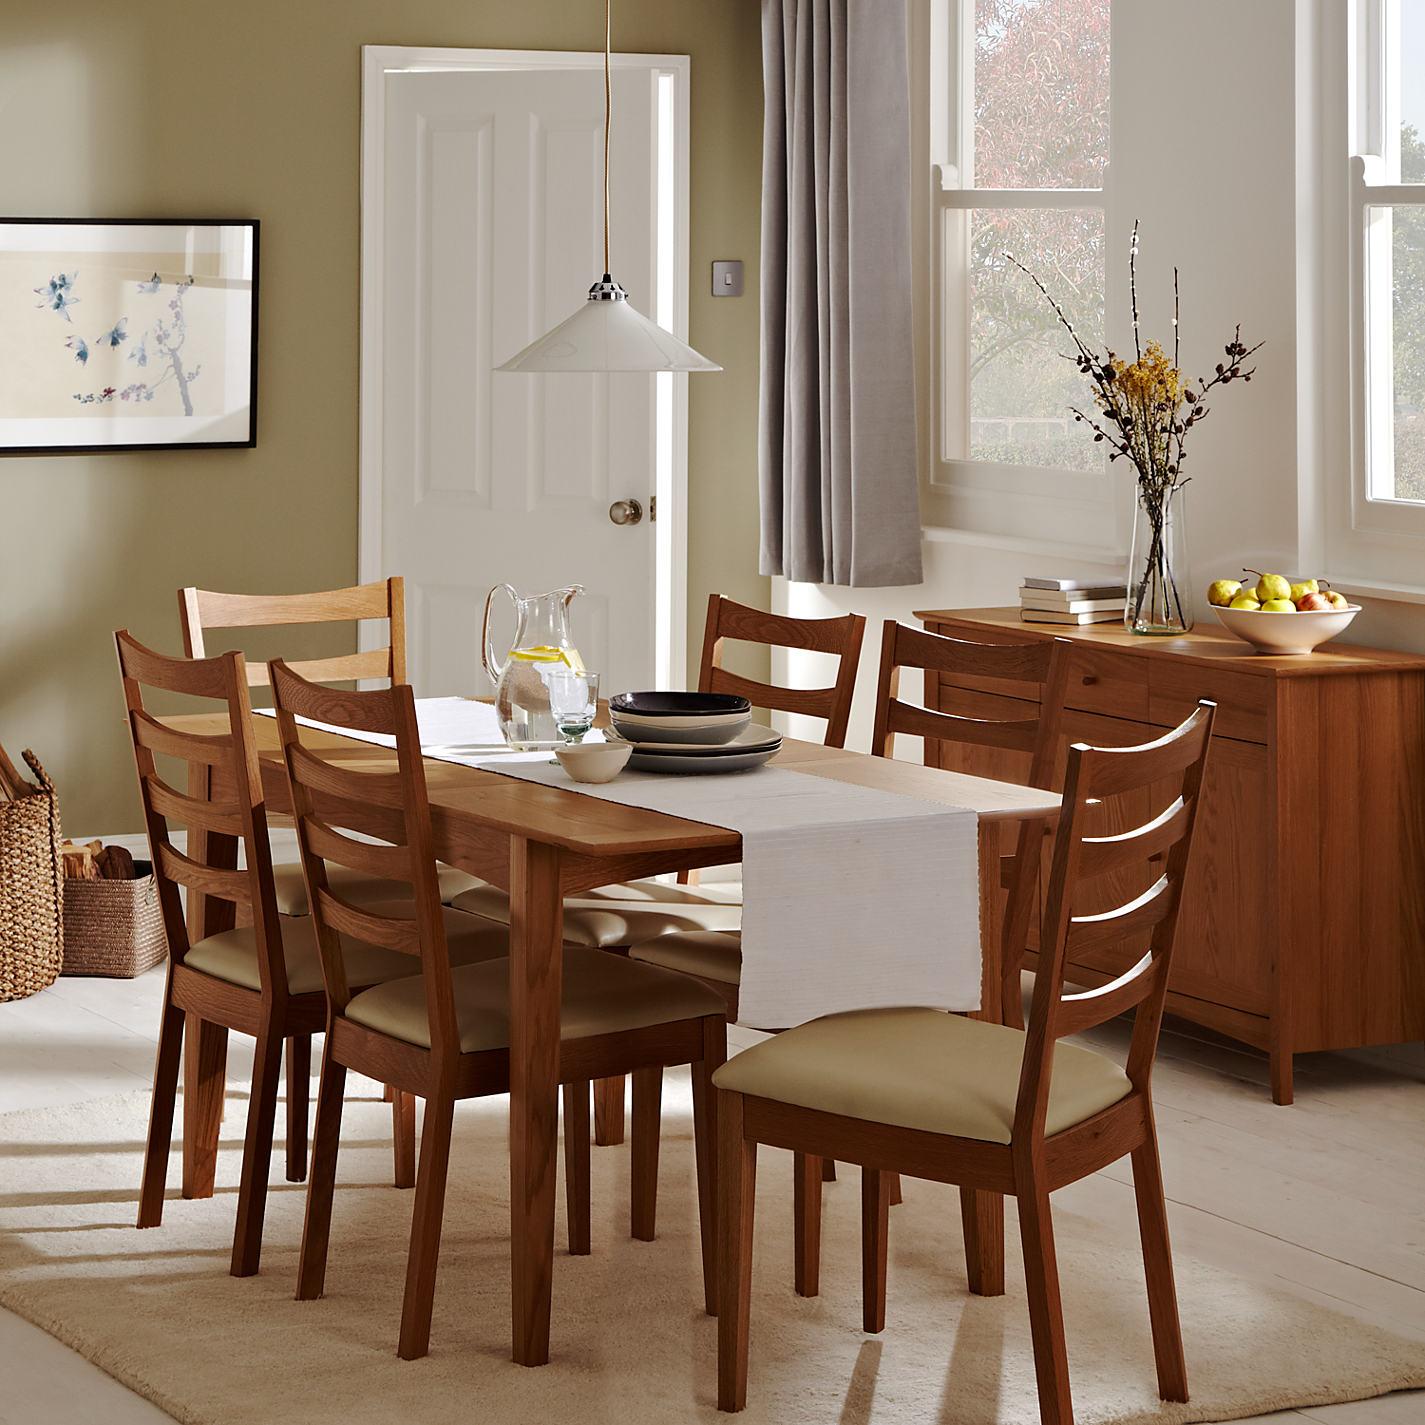 Buy John Lewis Alba 4-6 Seater Extending Dining table | John Lewis